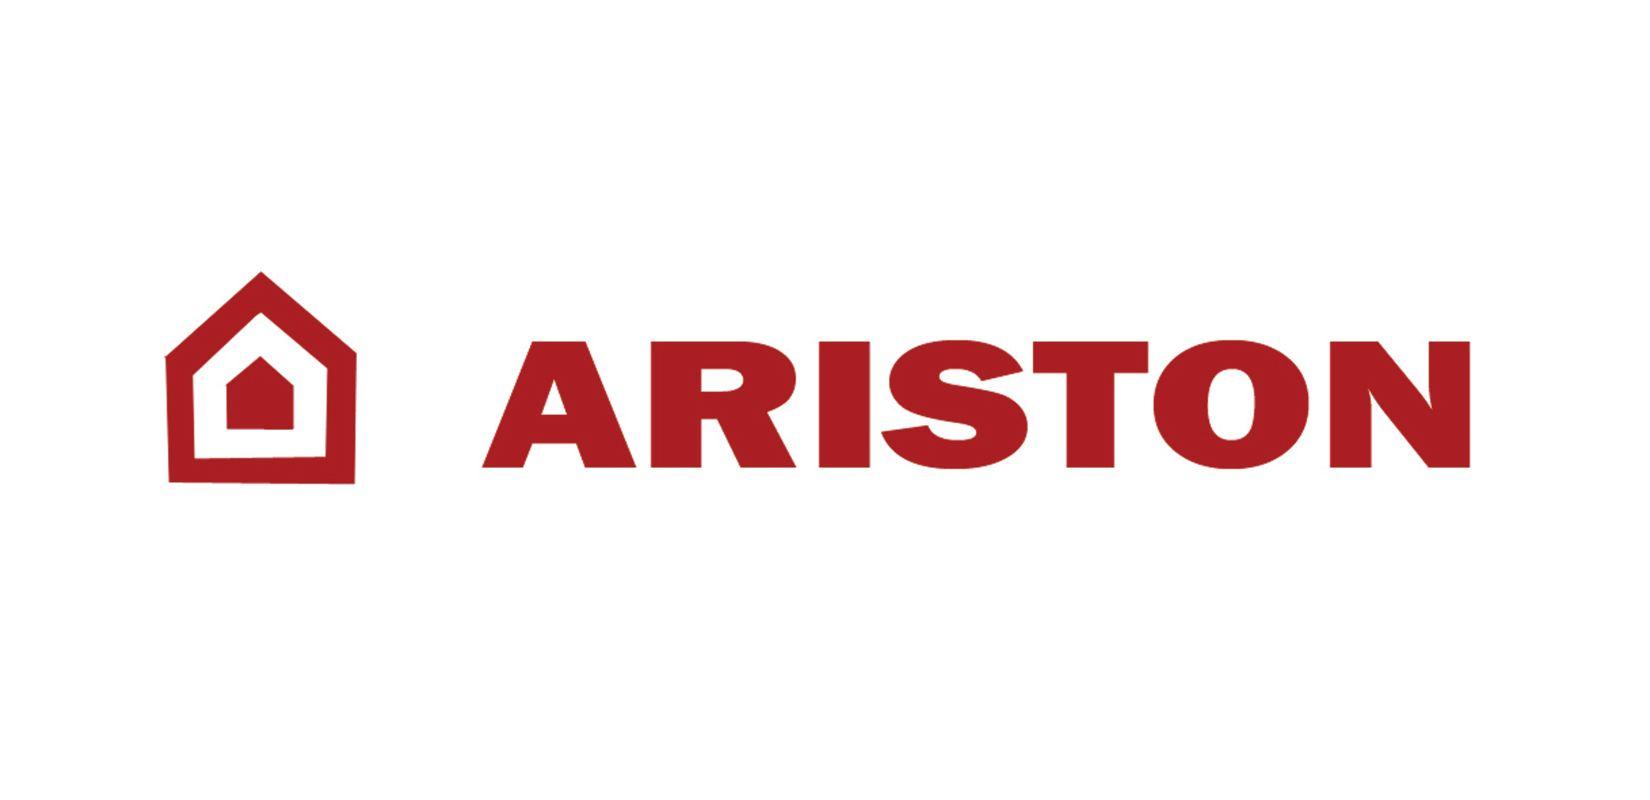 Ariston Repairs Washing Machine Dishwasher Oven